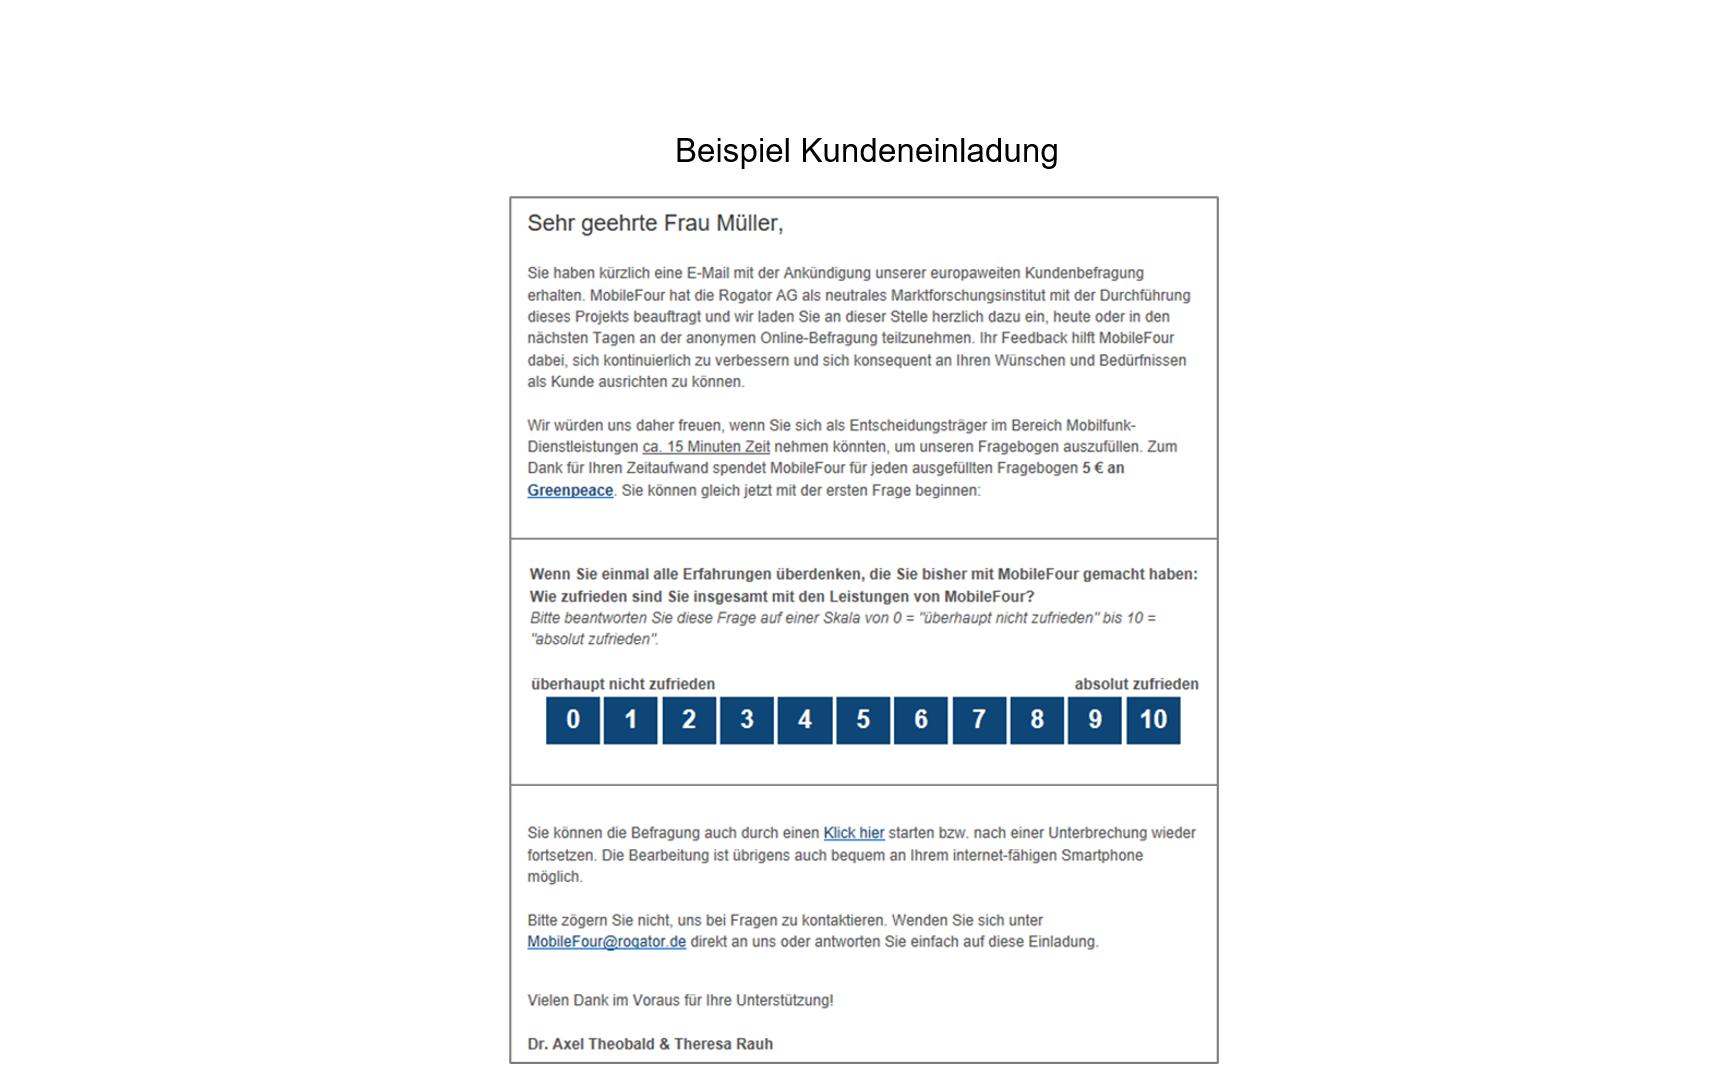 B2B Beispiel Kundeneinladung